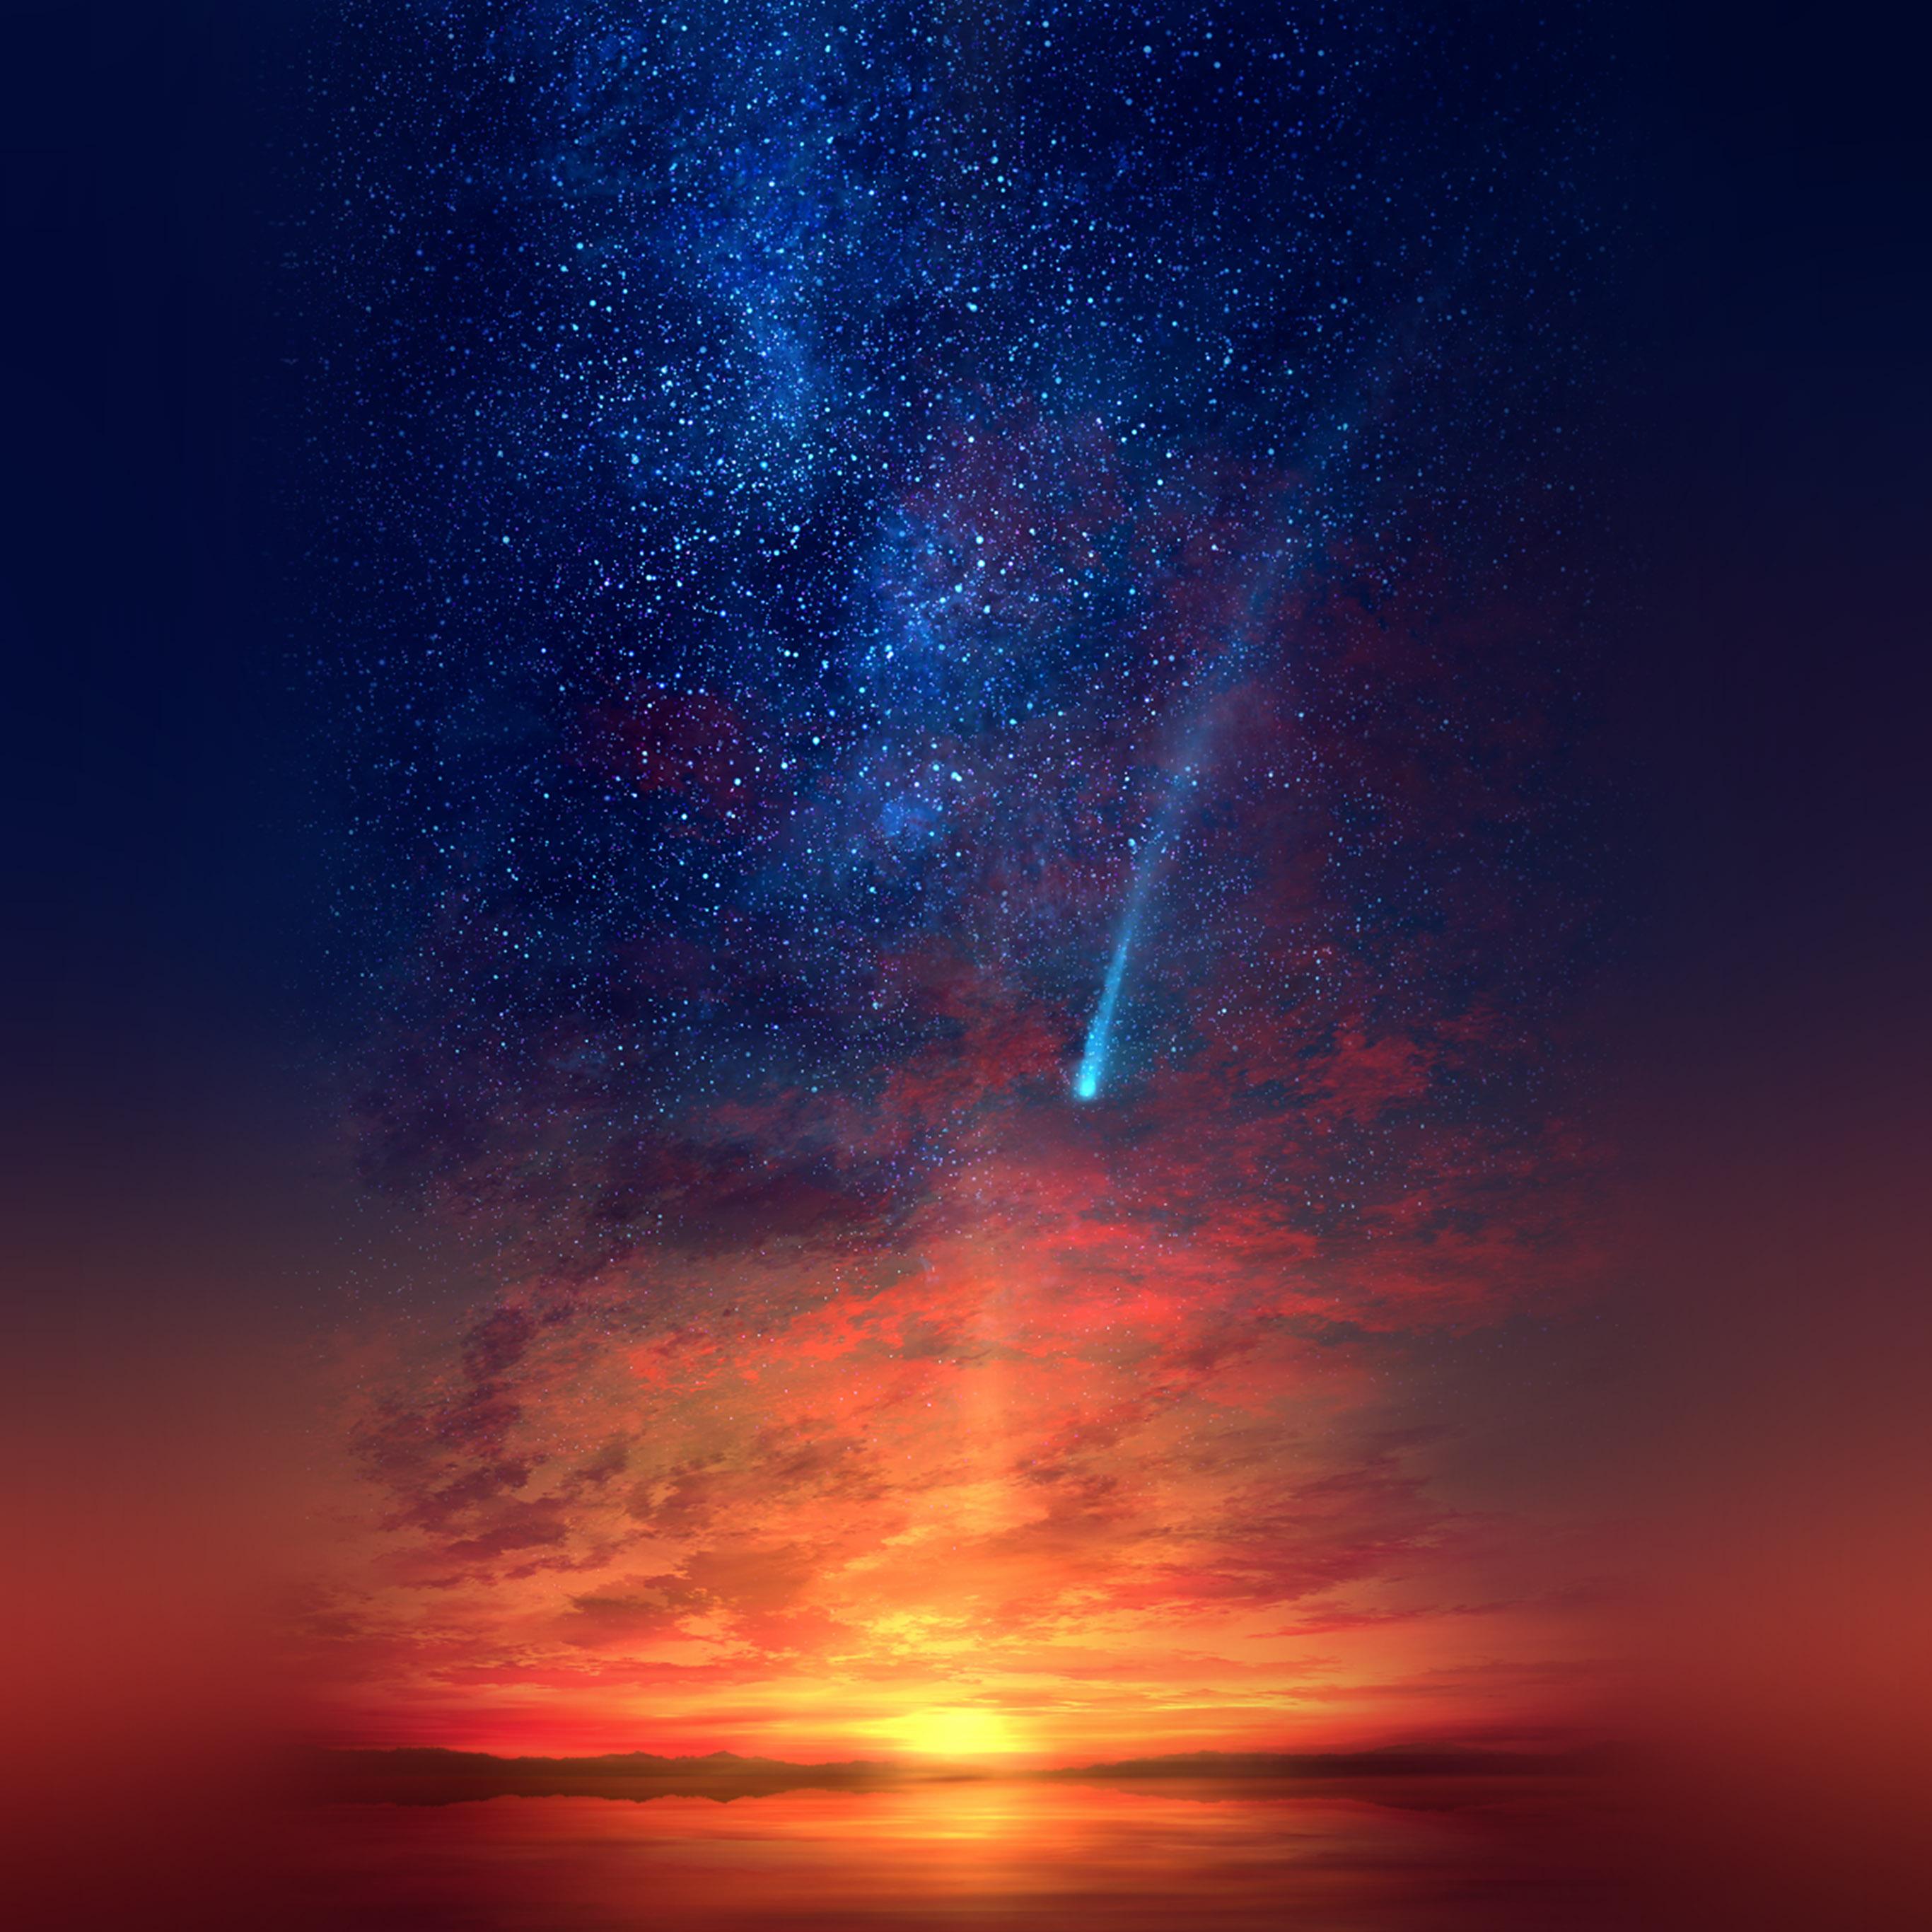 av79-anime-sunset-red-illustration-art-wallpaper